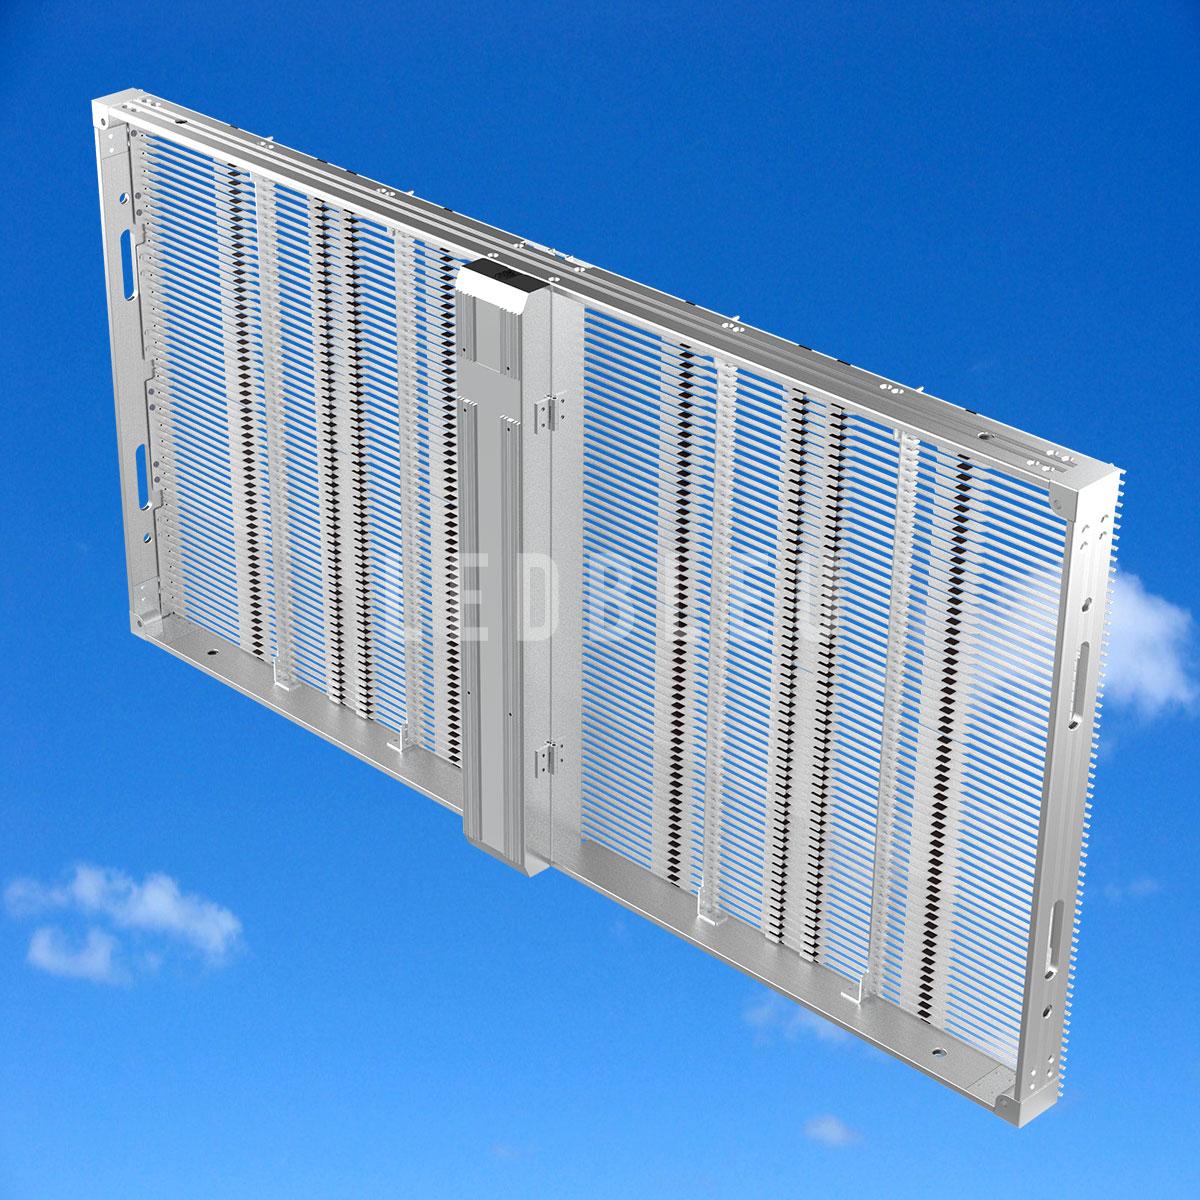 Dalle écran led semi transparent LEDBLEU Vue arrière 100x50